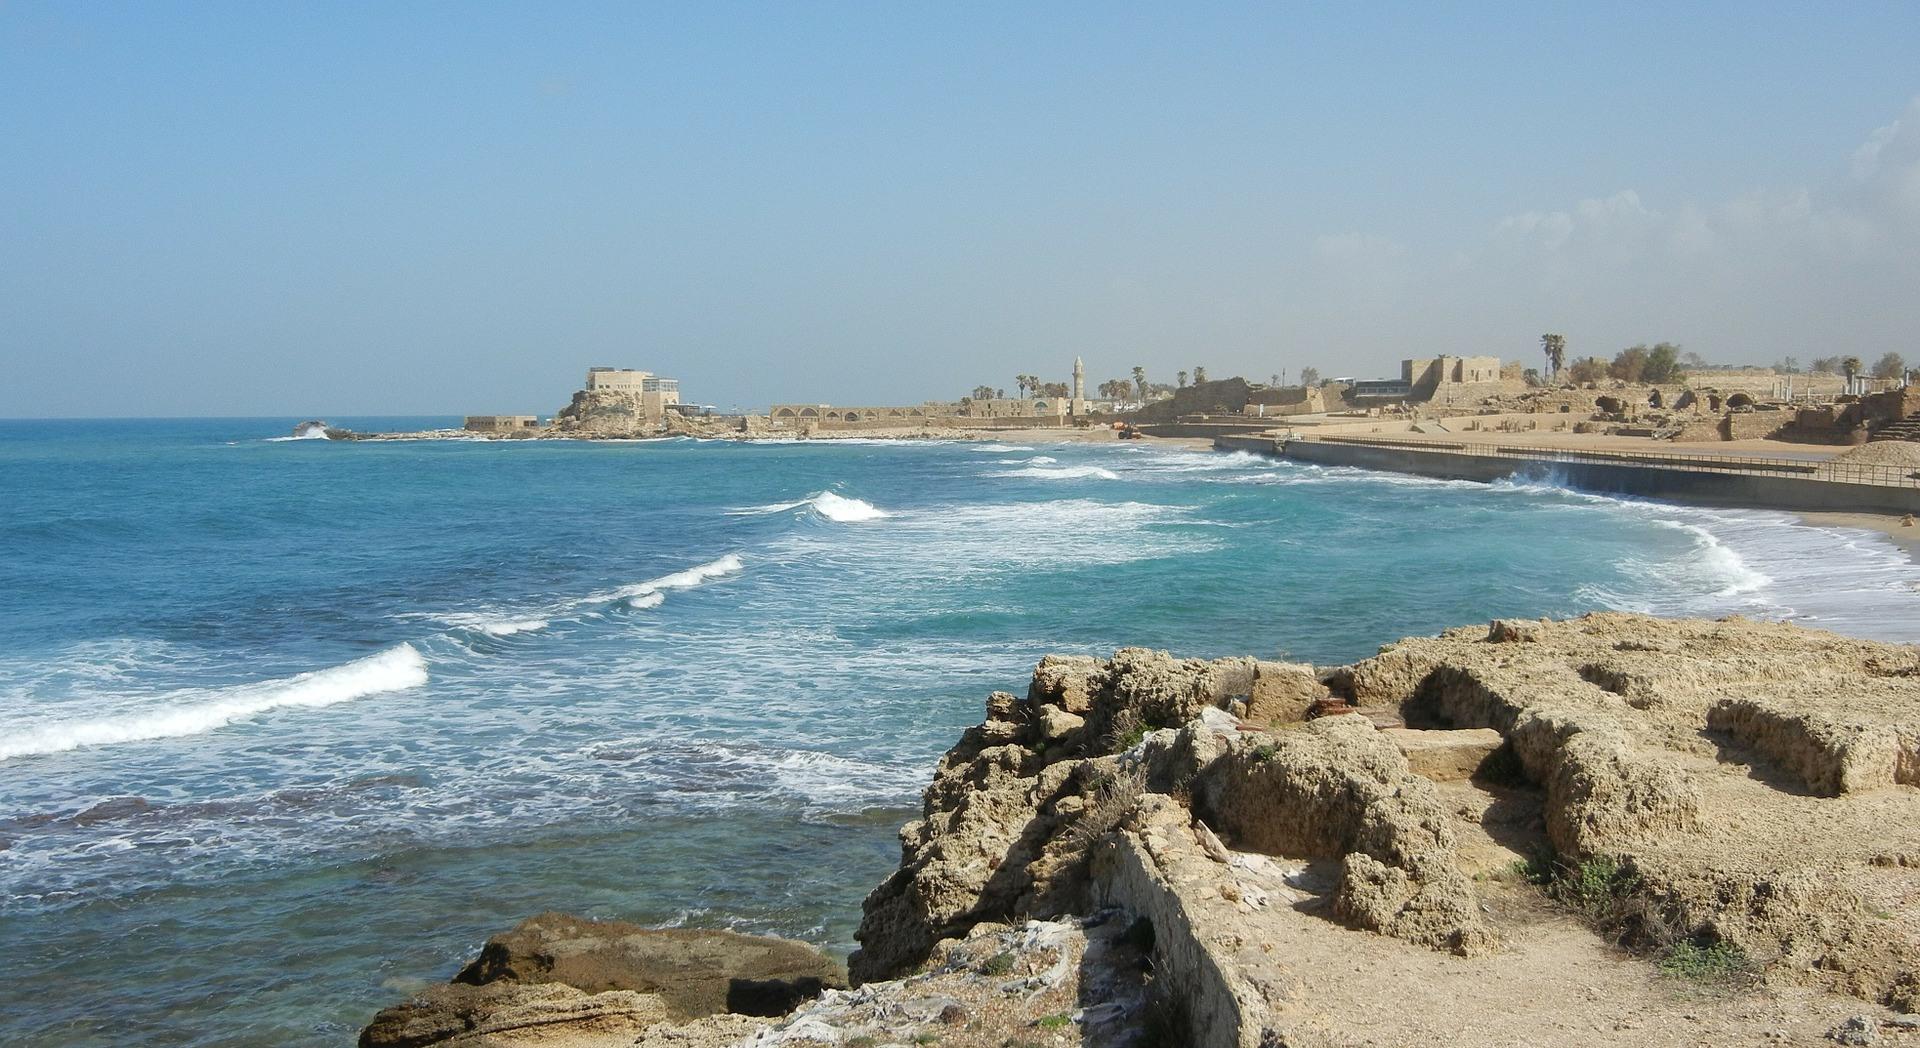 Cäsarea an der israelischen Mittelmeerküste. Quelle: Pixabay